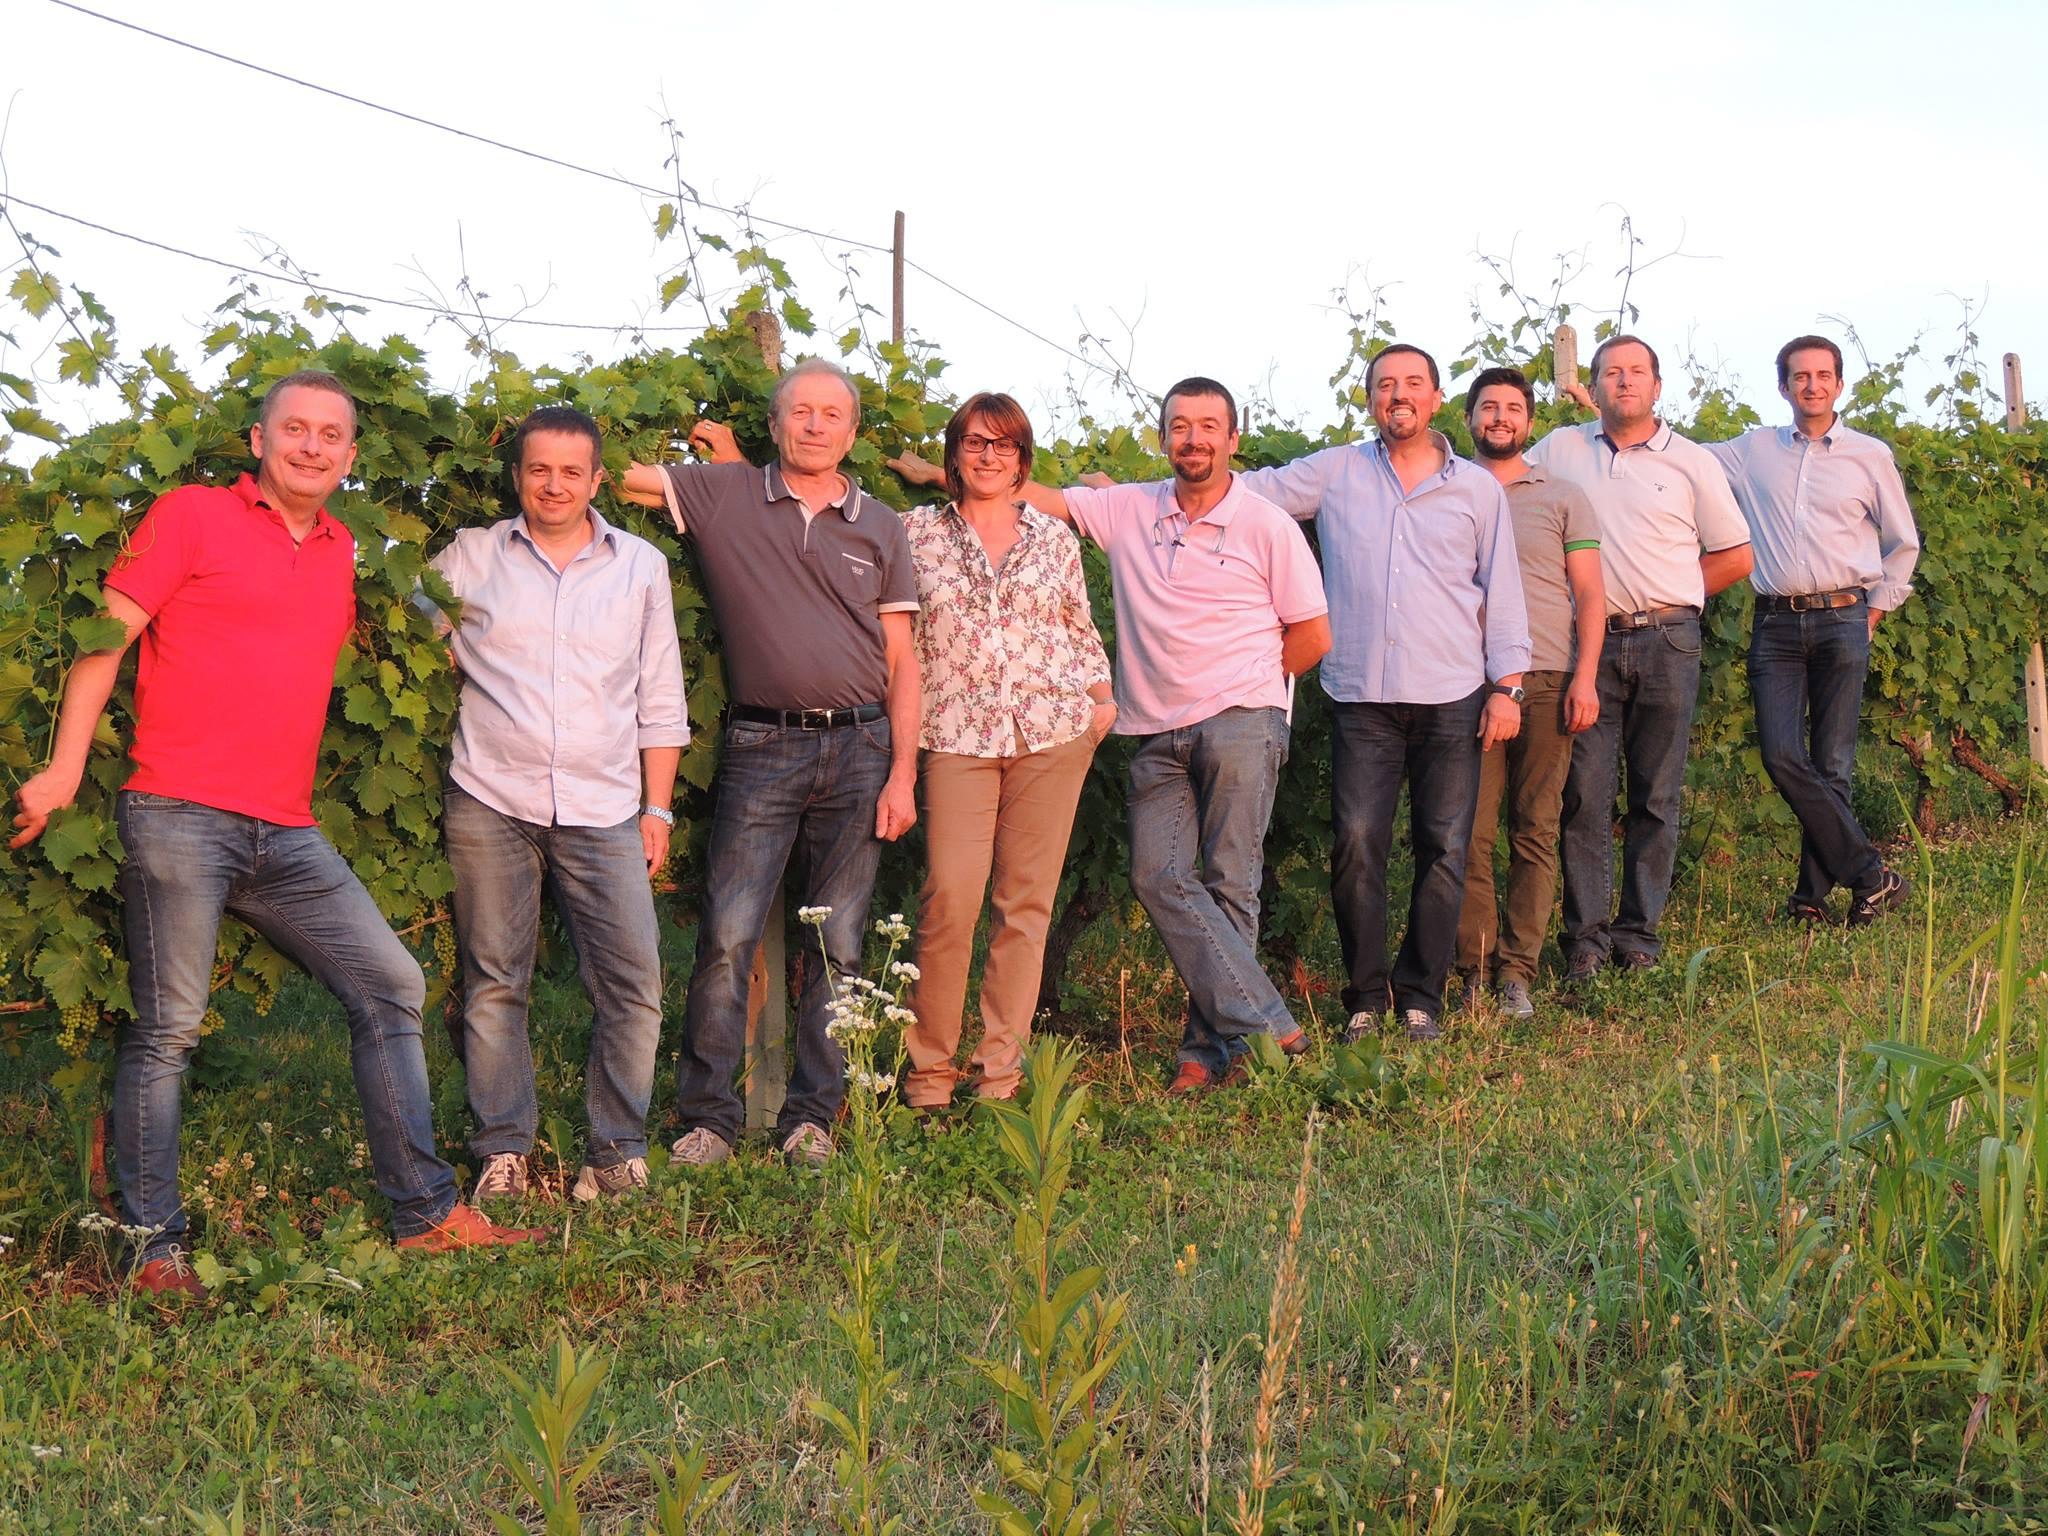 Sabato 11 luglio notte di dolci brindisi con l'Associazione Produttori Moscato di Canelli